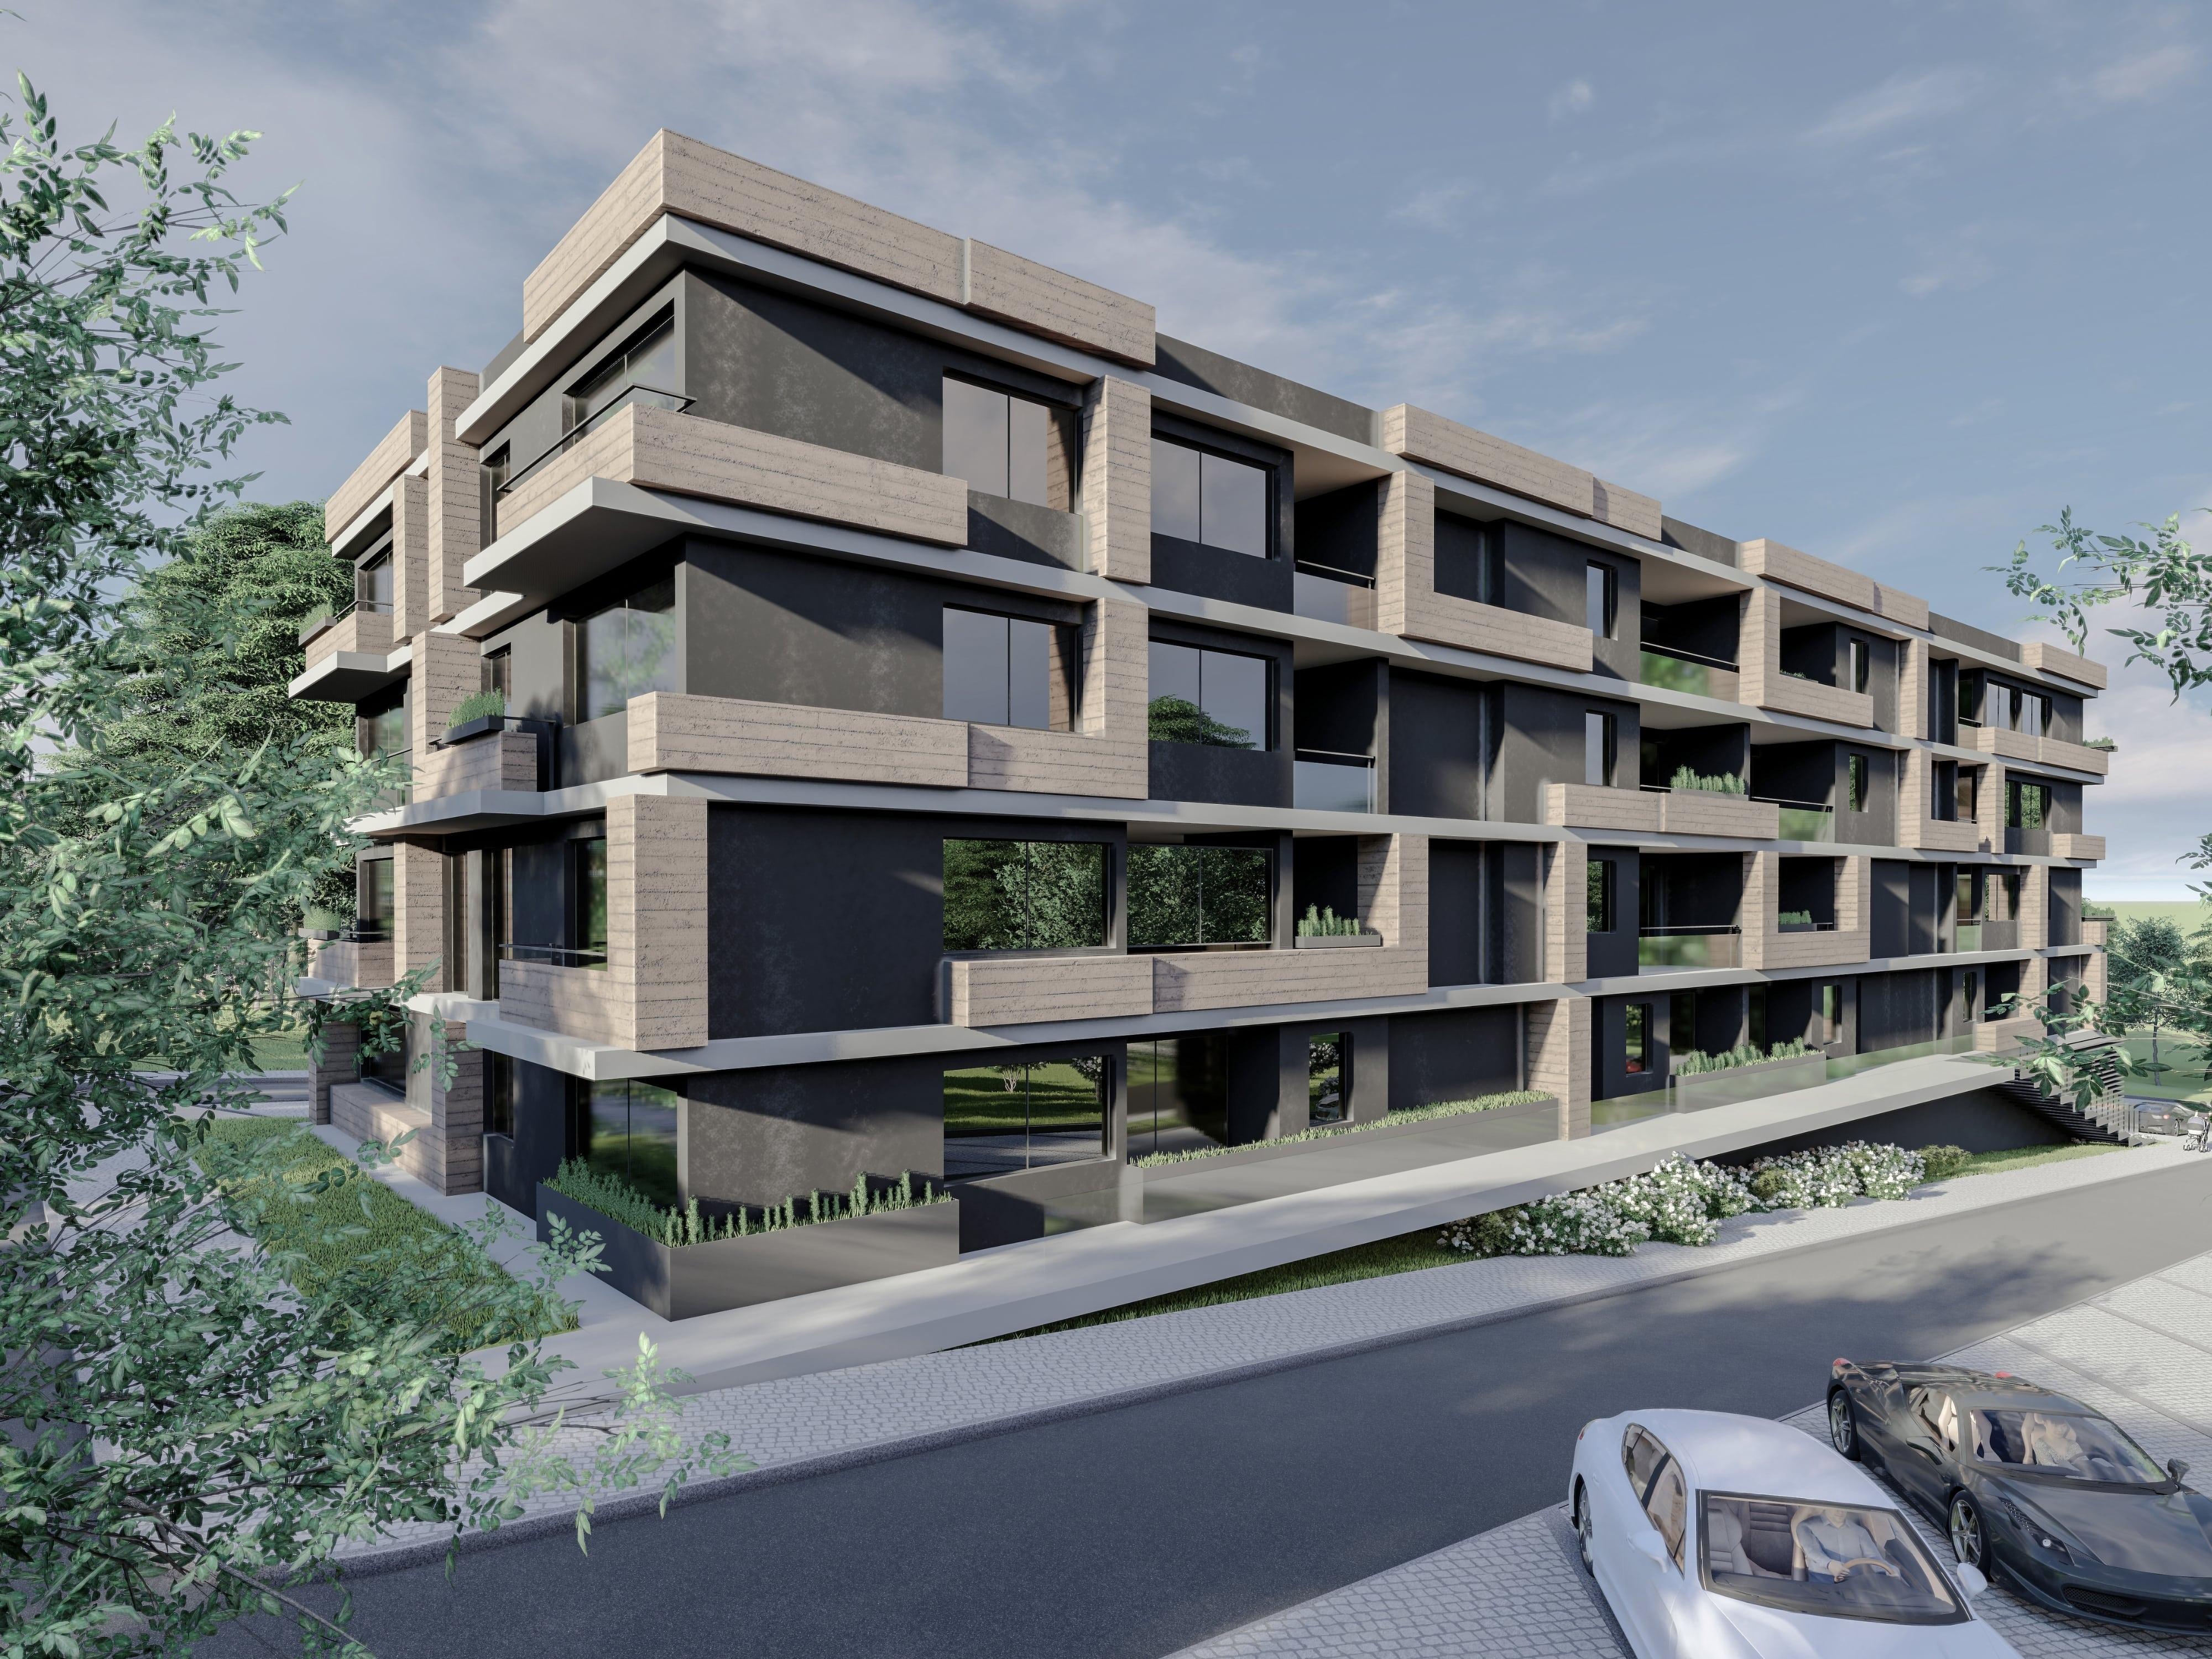 Edifício 392 em Vila Nova de Famalicão